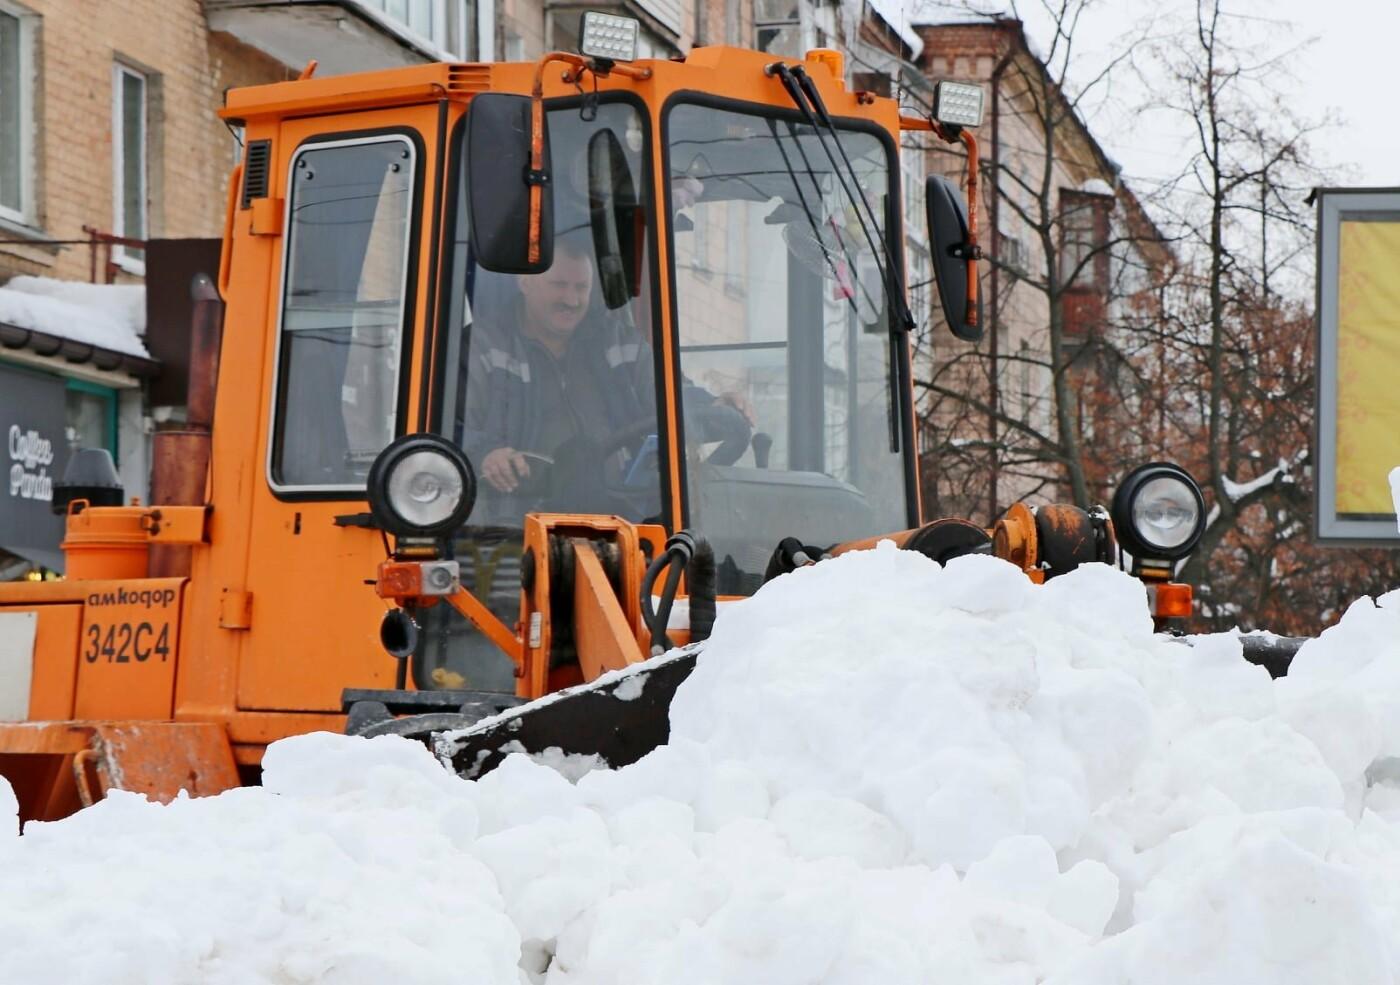 Тотальна чистка: за вихідні з вулиціь Чернігова вивезли більше 6 000 м3 снігу, фото-3